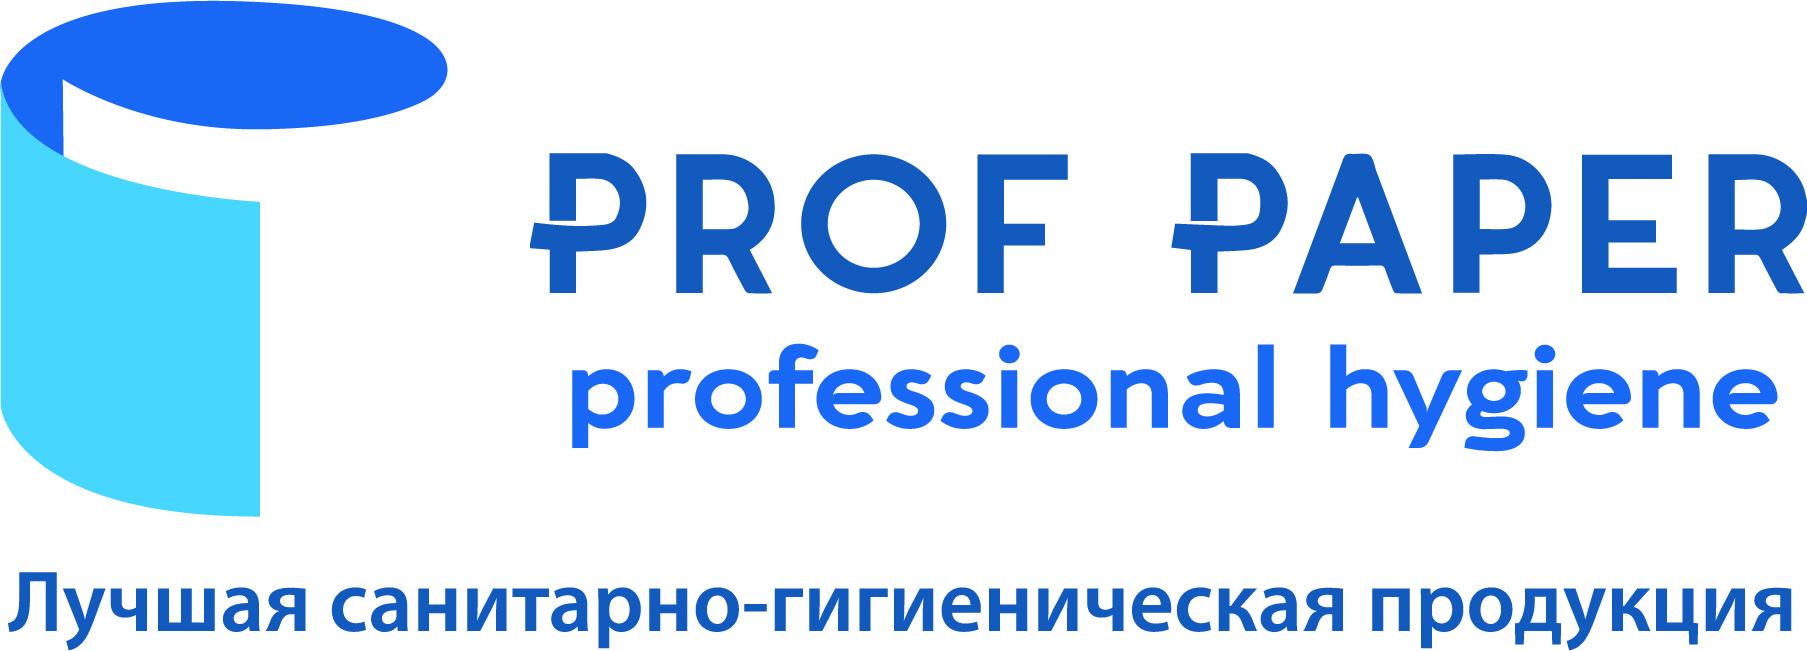 profpaper.com.ua